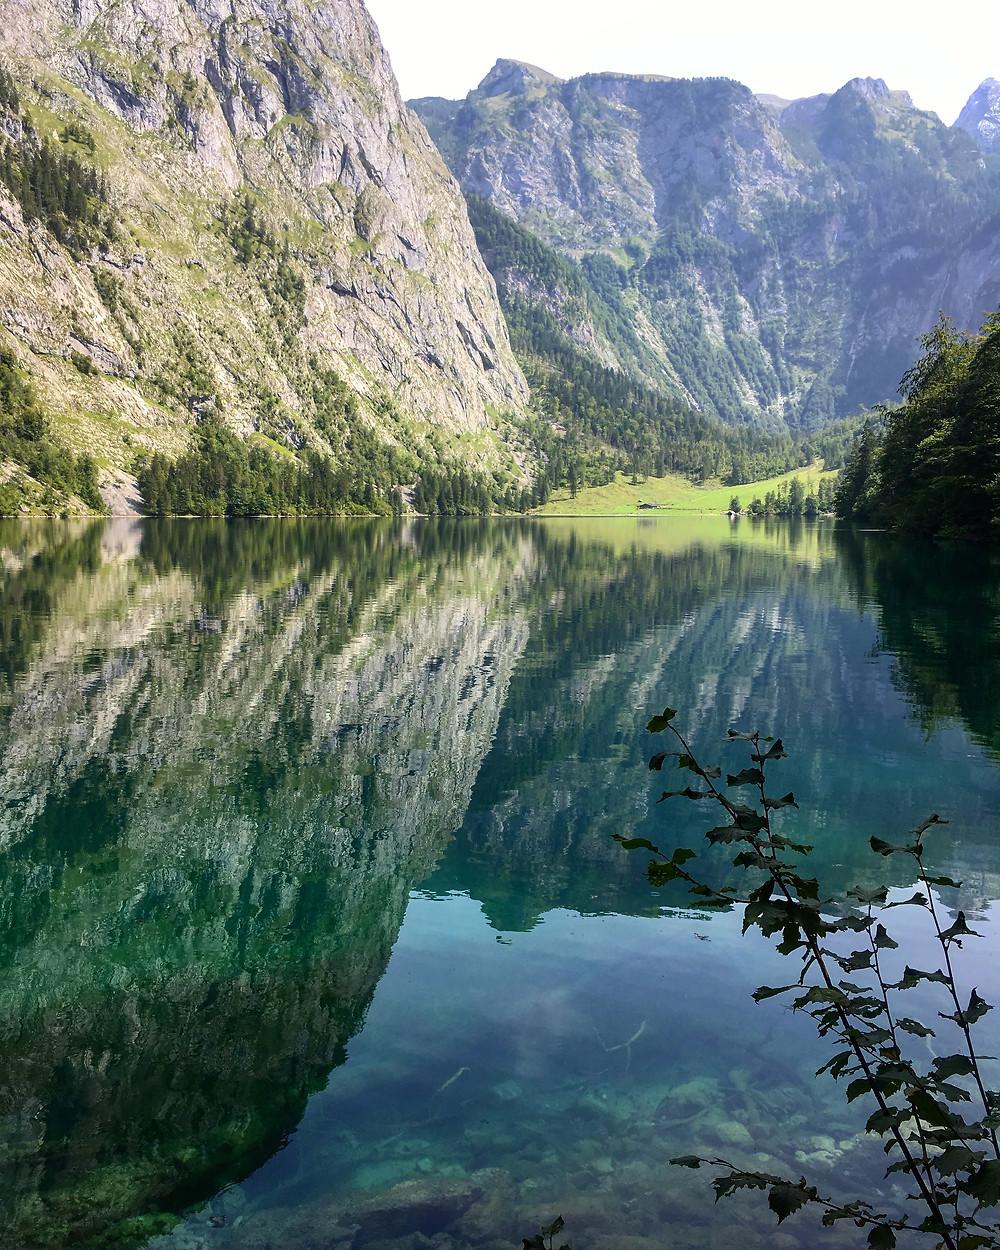 Vista dos Alpes refletidos no lago